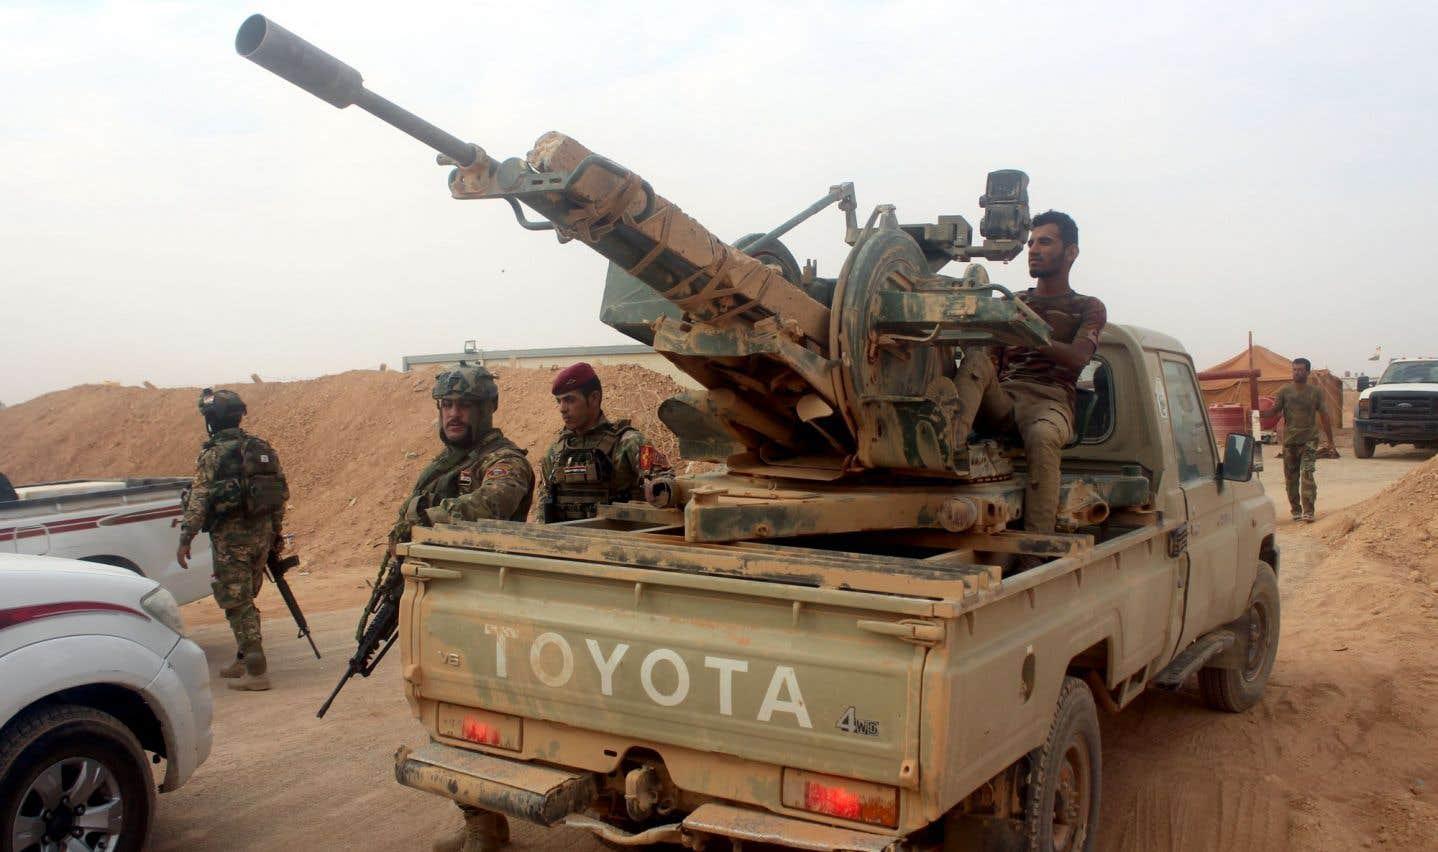 Les forces irakiennes avancent vers un fief du groupe EI